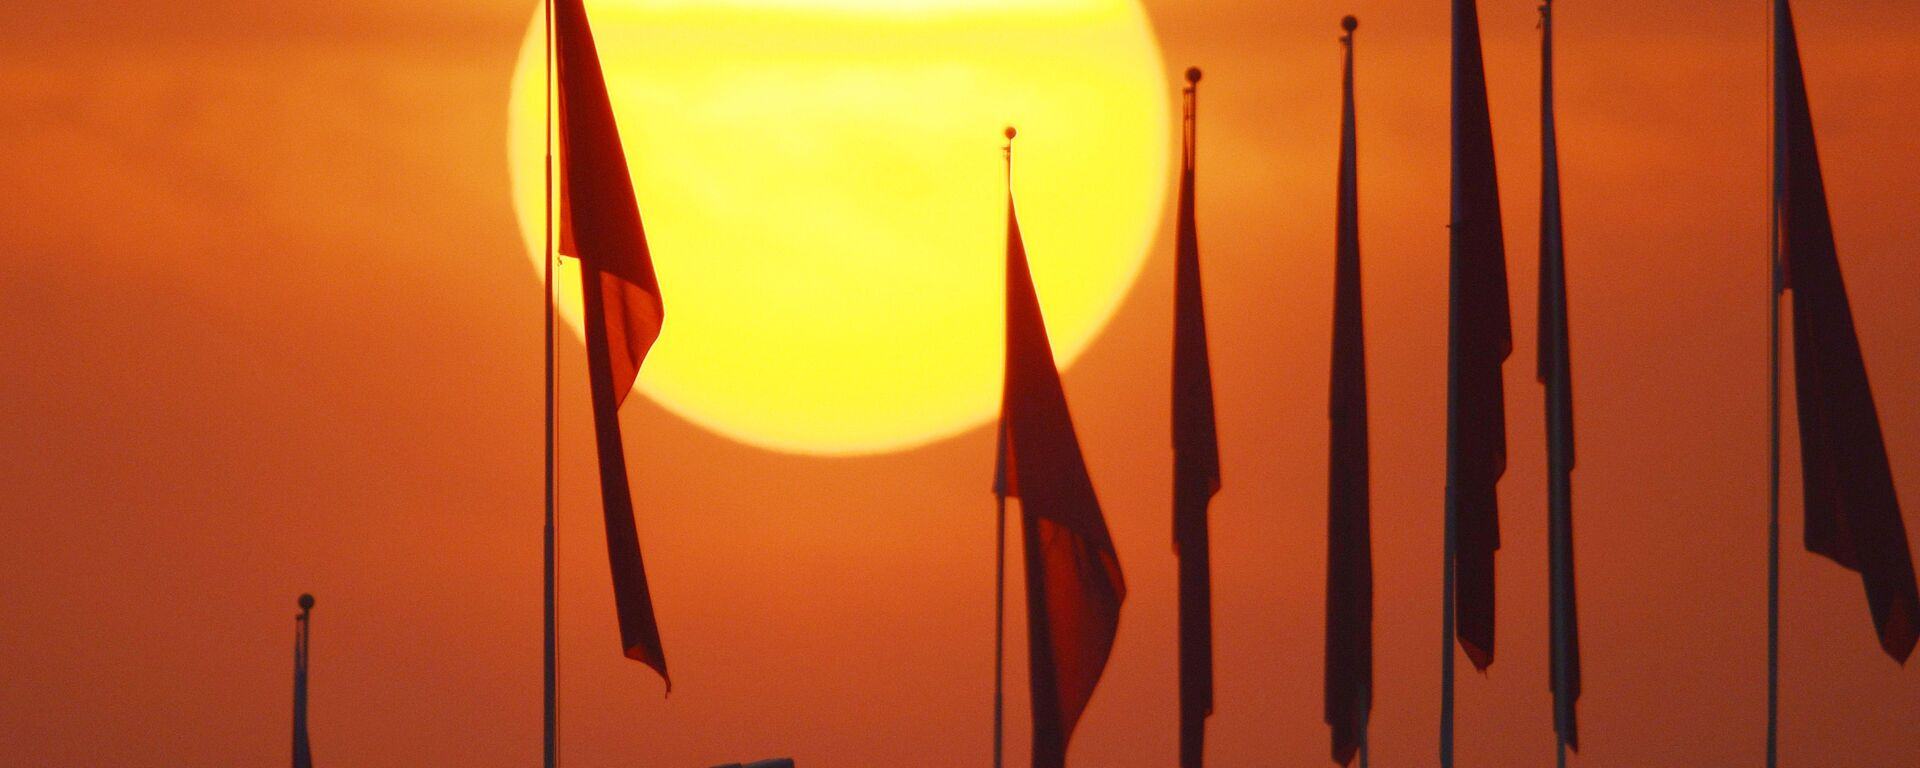 Флаг Китая. Архивное фото. - Sputnik Узбекистан, 1920, 09.03.2021